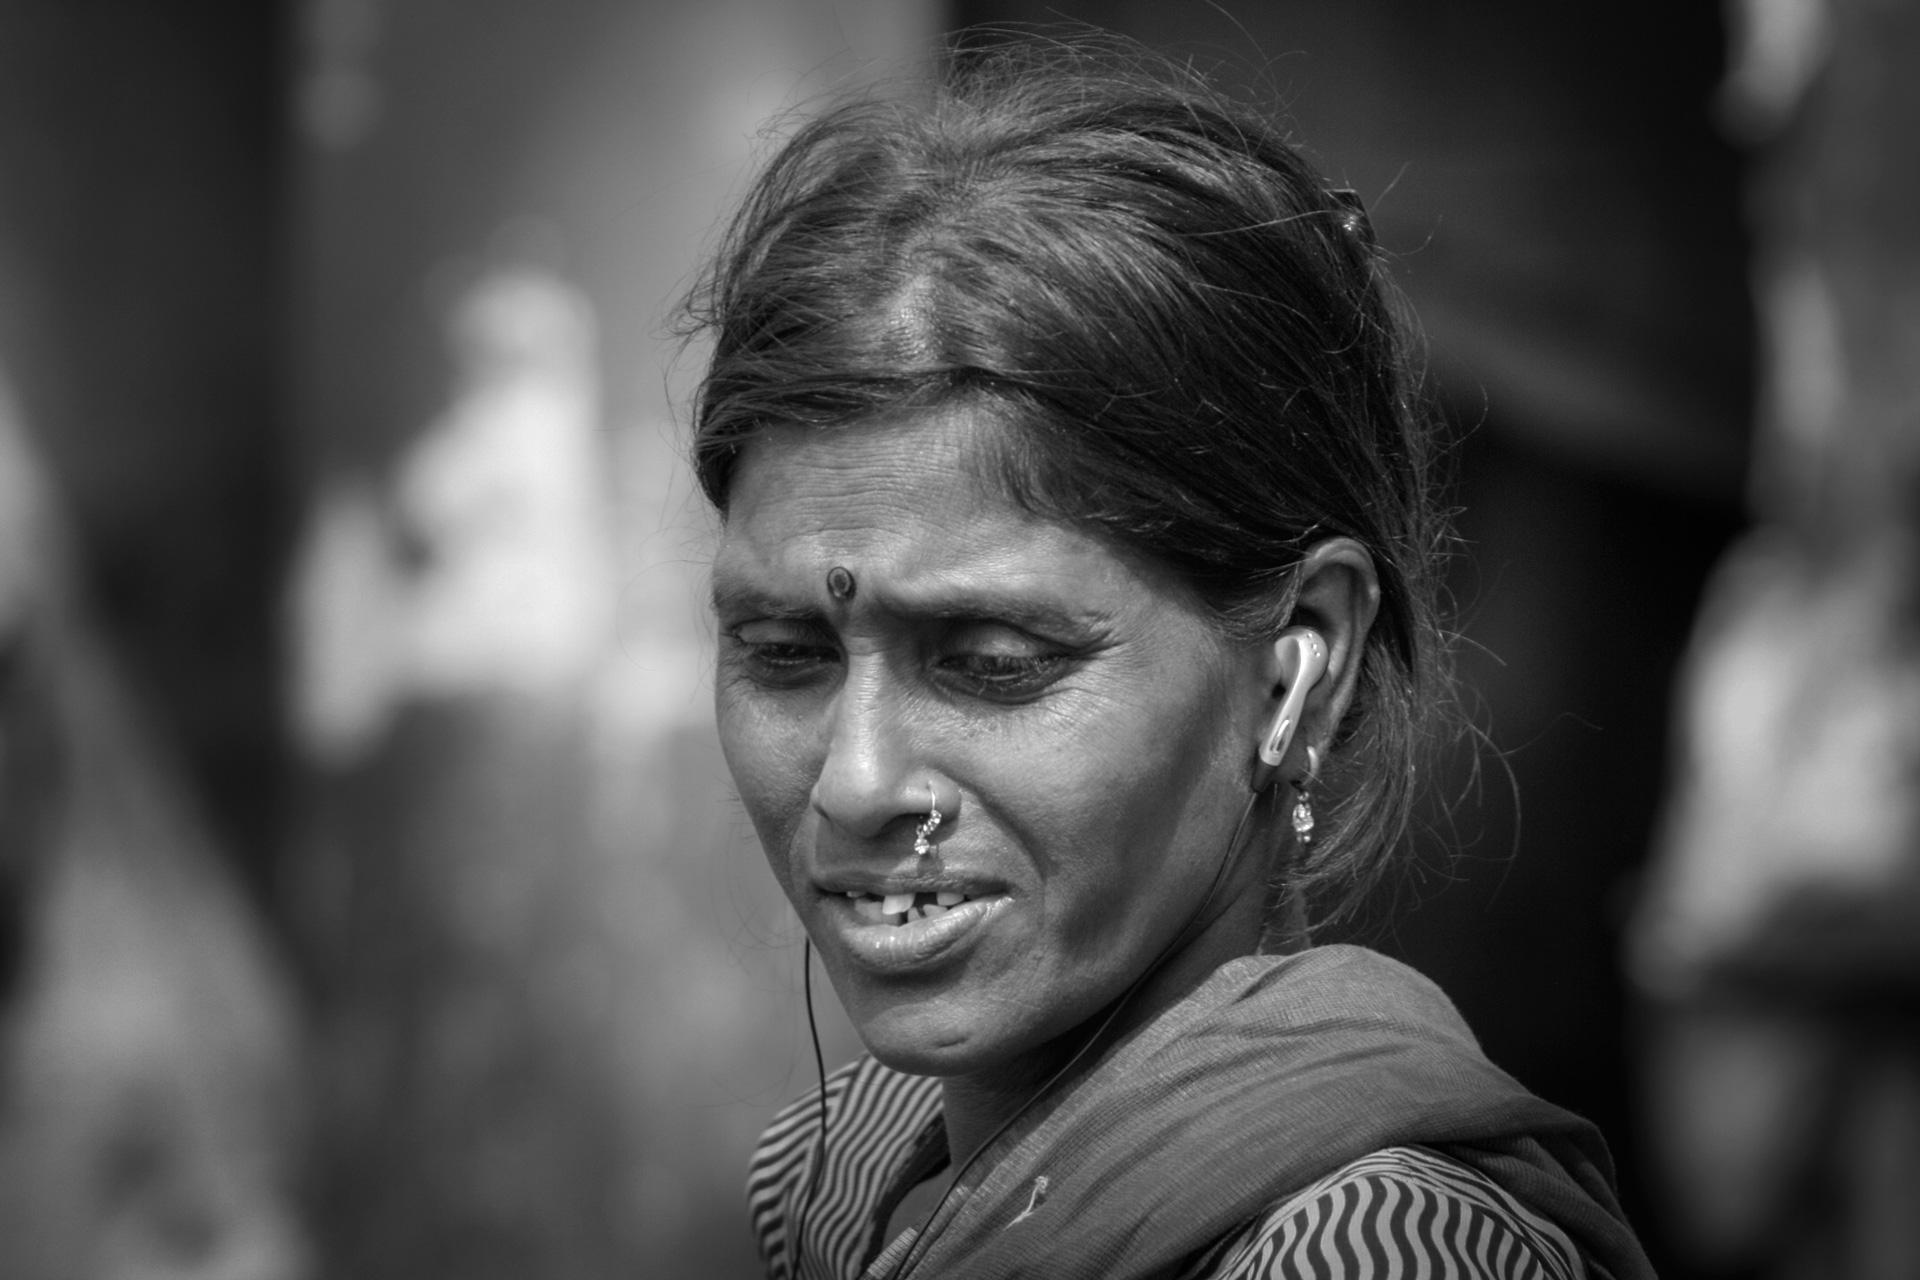 Menschen Indien